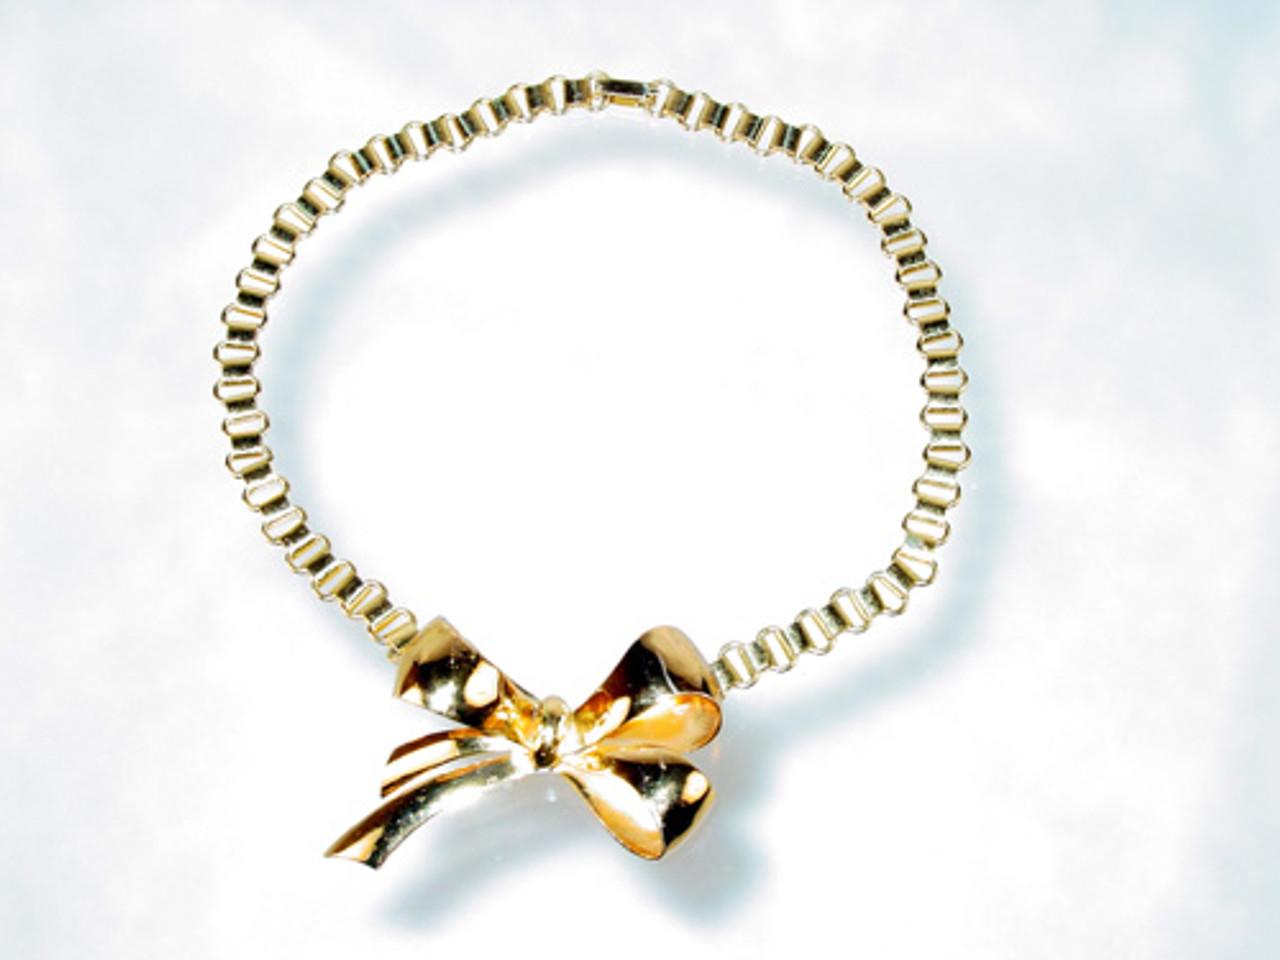 Coro Victorian Revival Bookchain Necklace